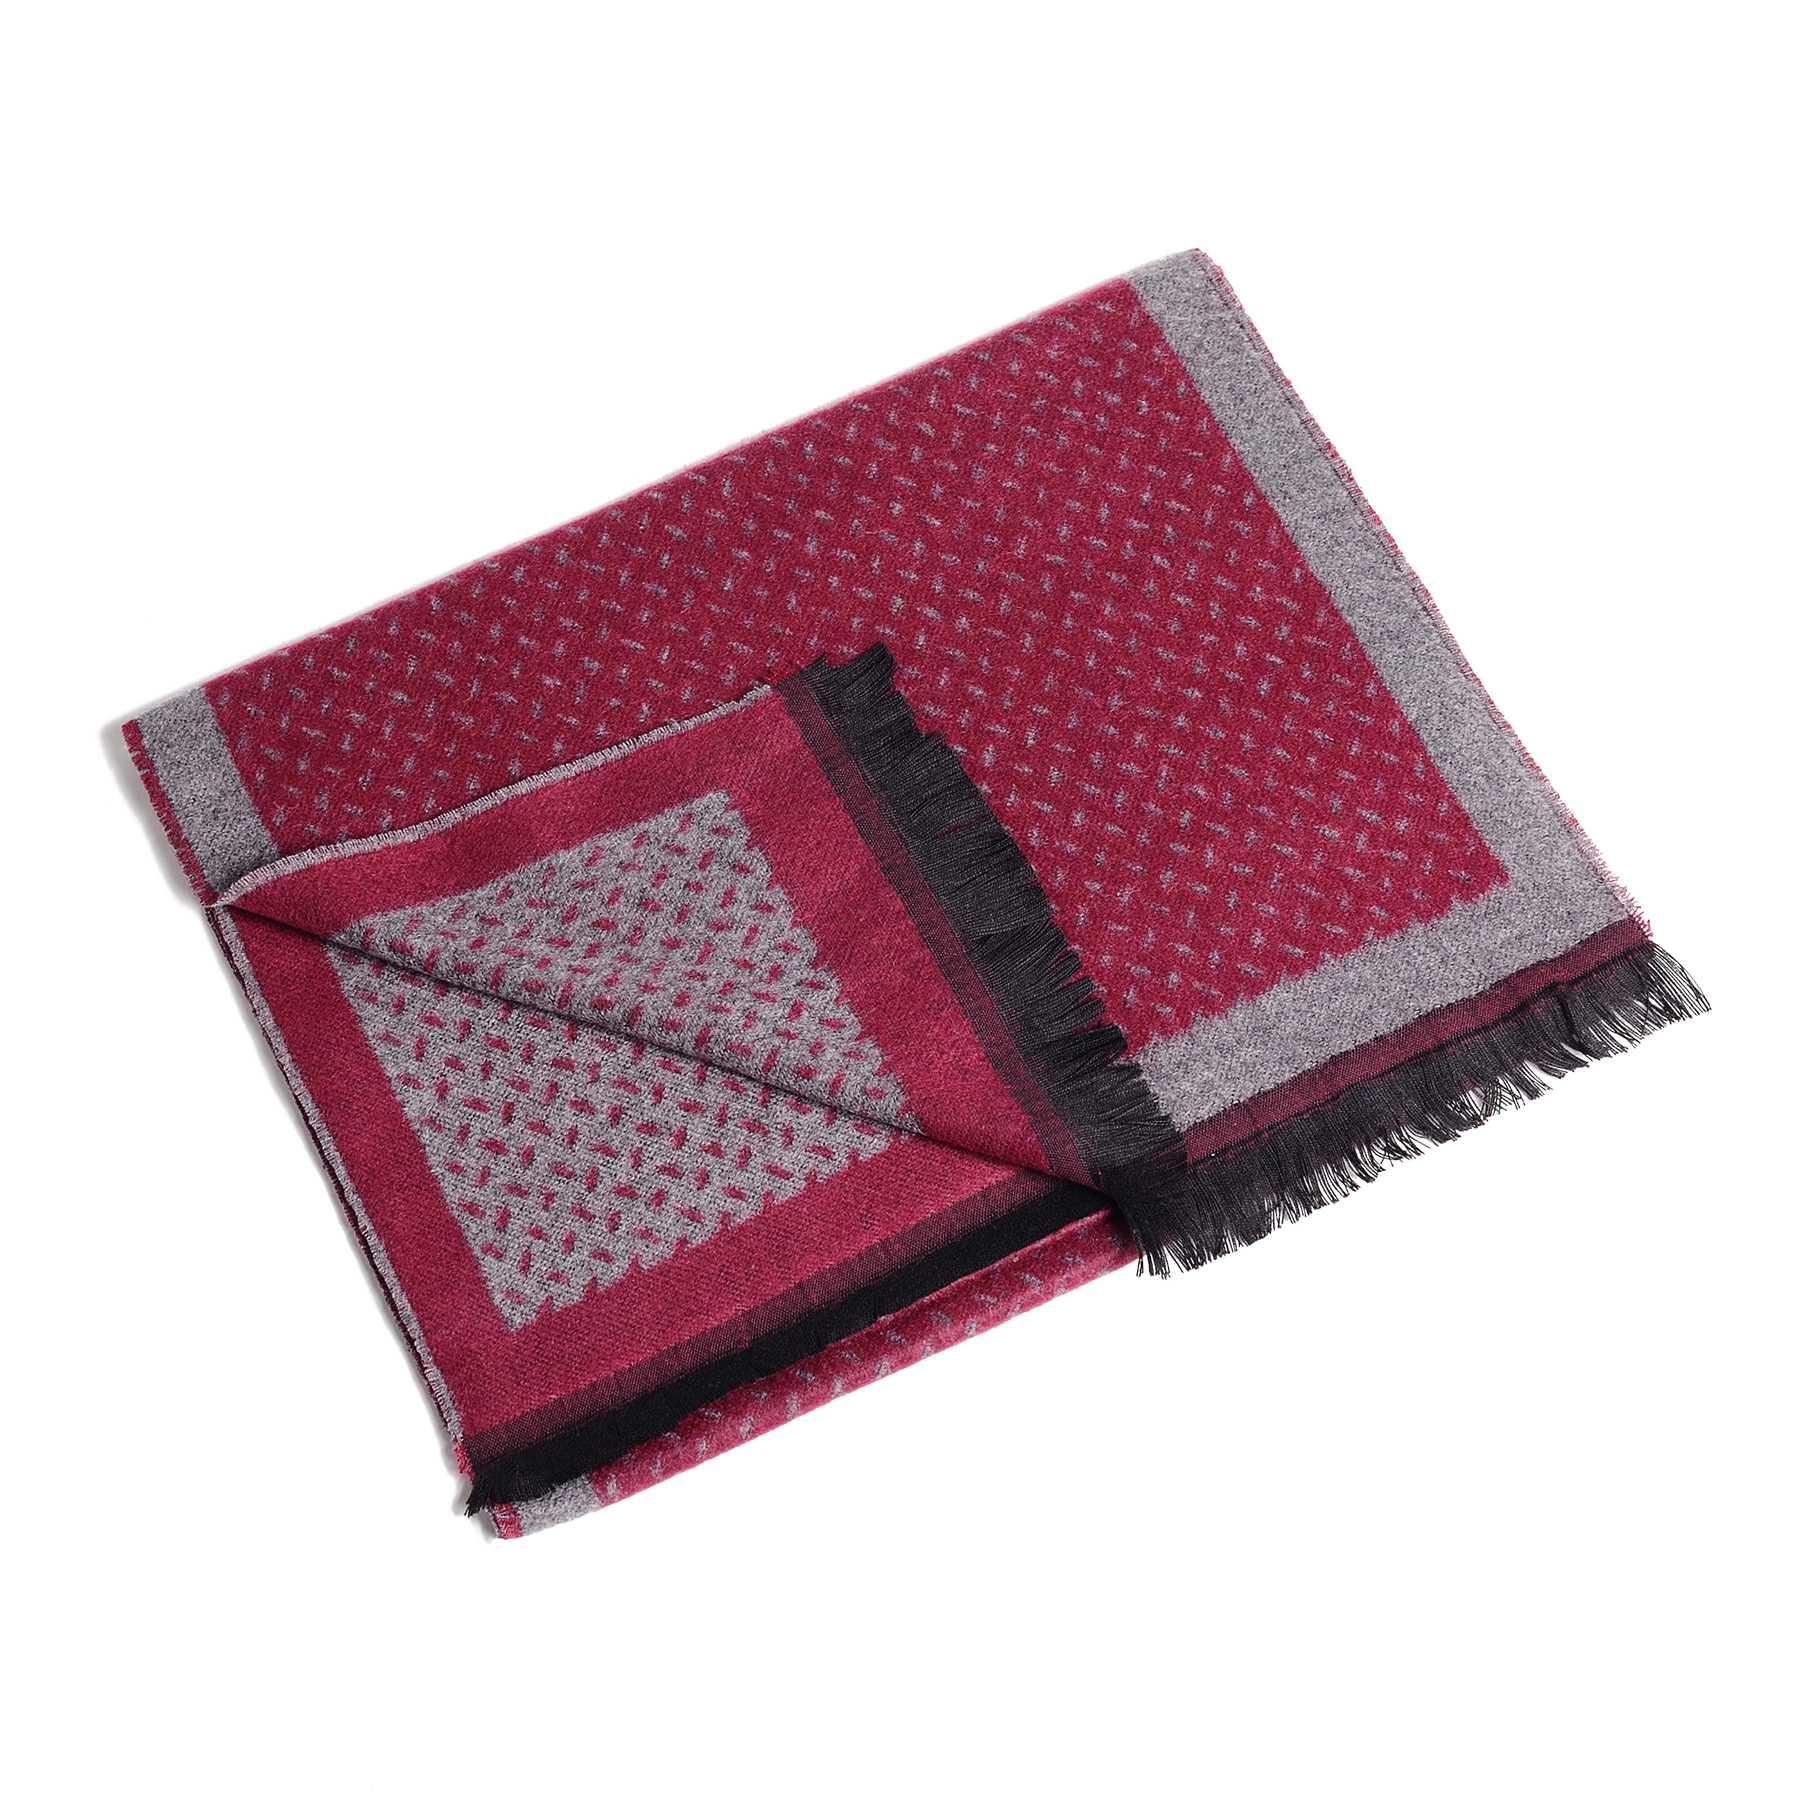 Шарф мужской серо-рубиновый в мелкий узор (двухсторонний)